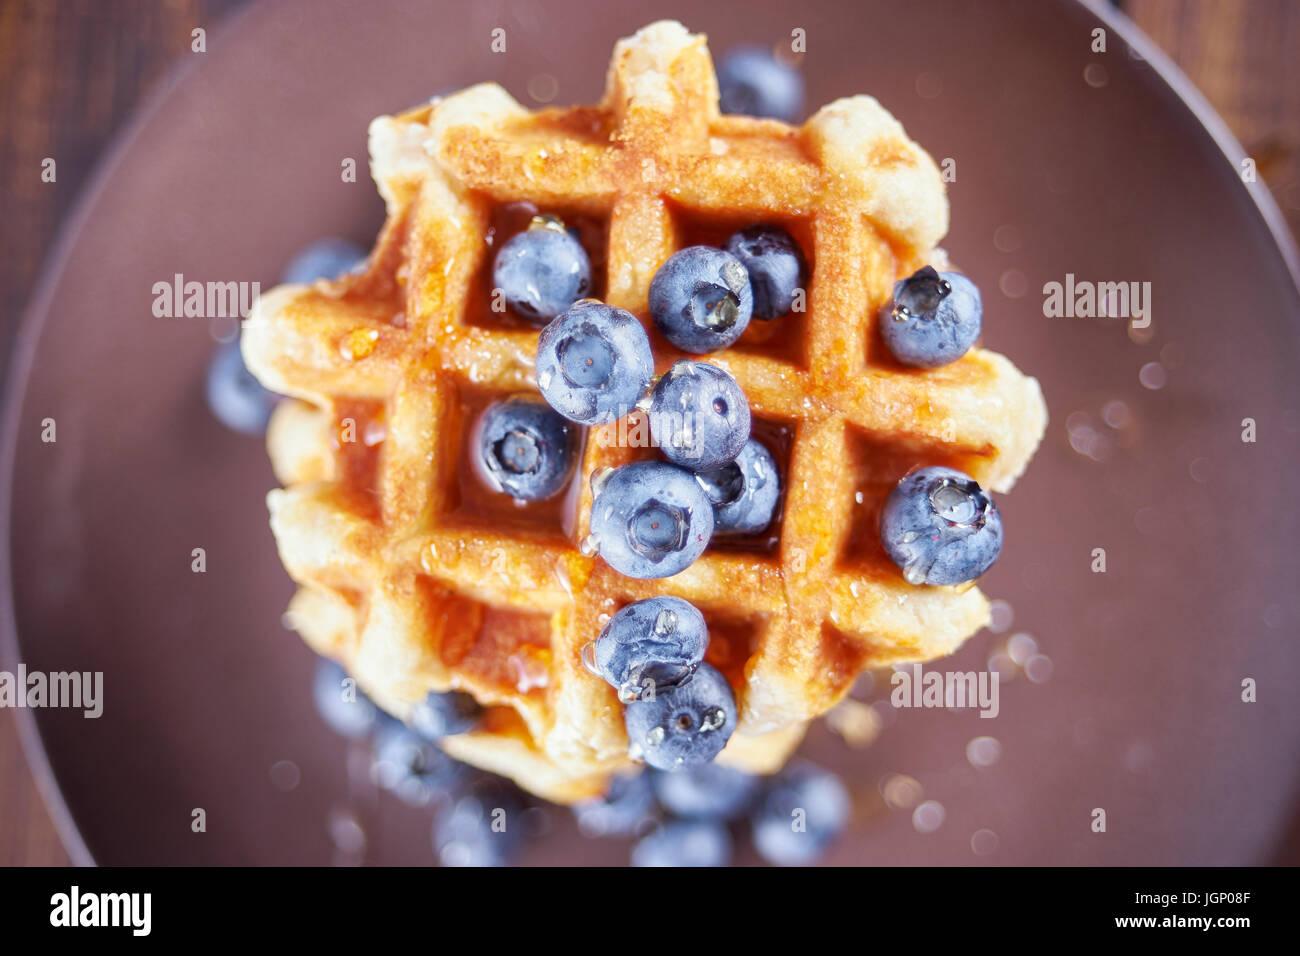 Vista superior del dulce waffles belgas. Imagen De Stock